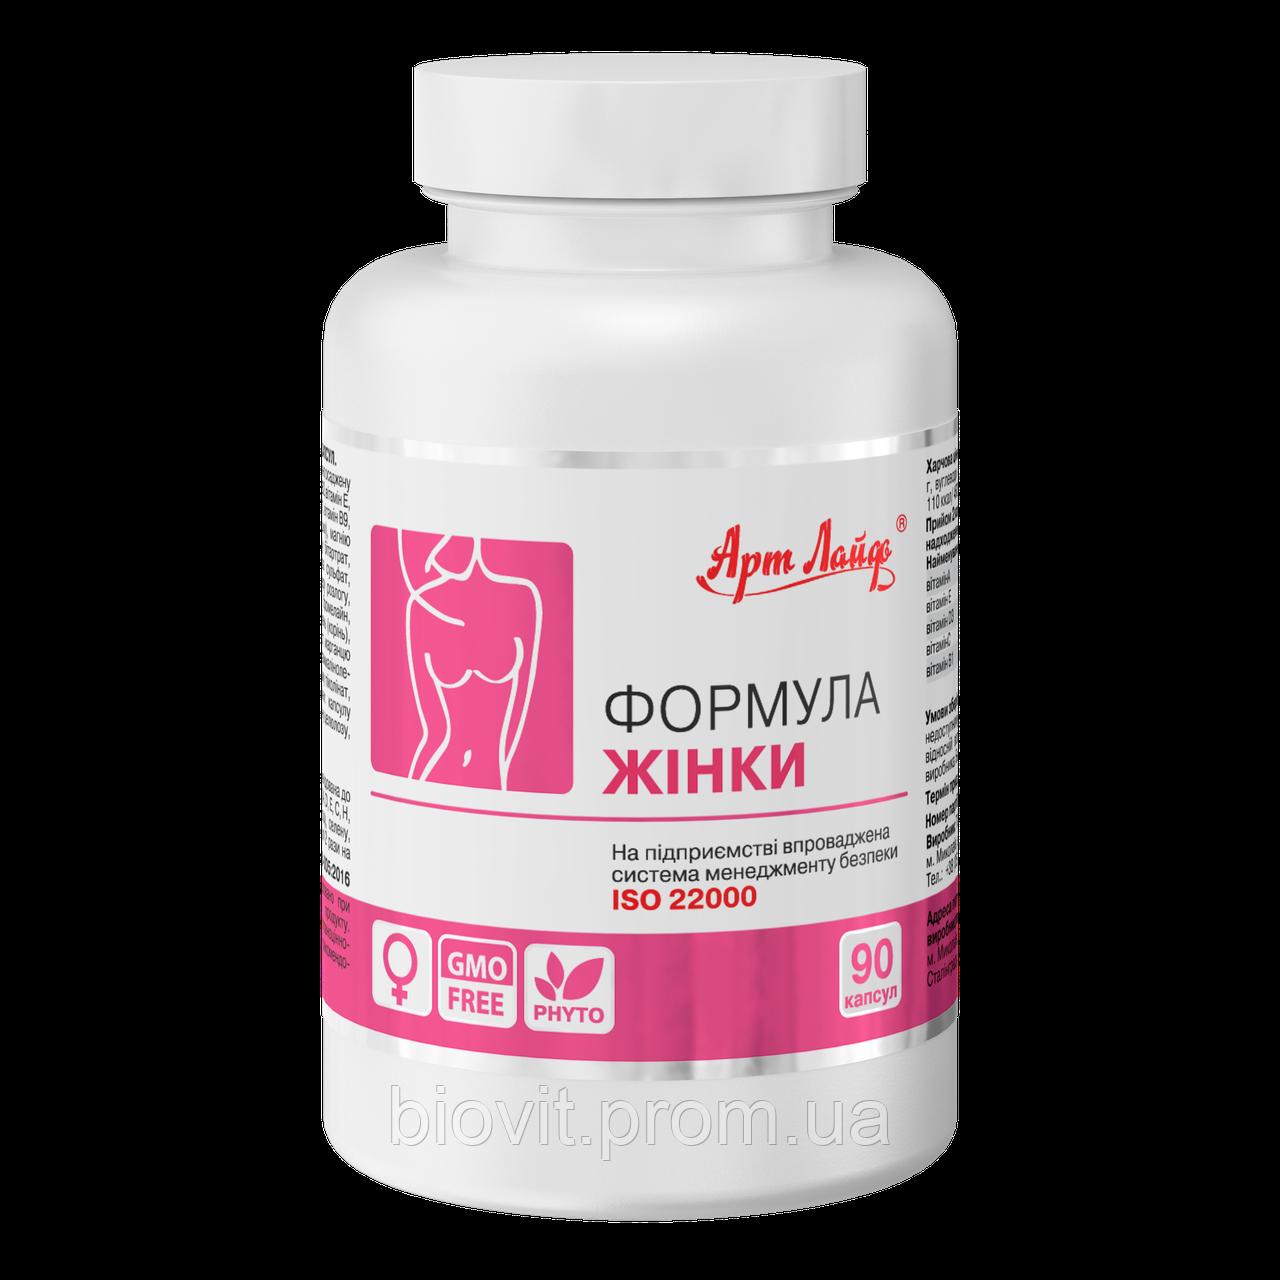 Витамины для женской сексуальной активности